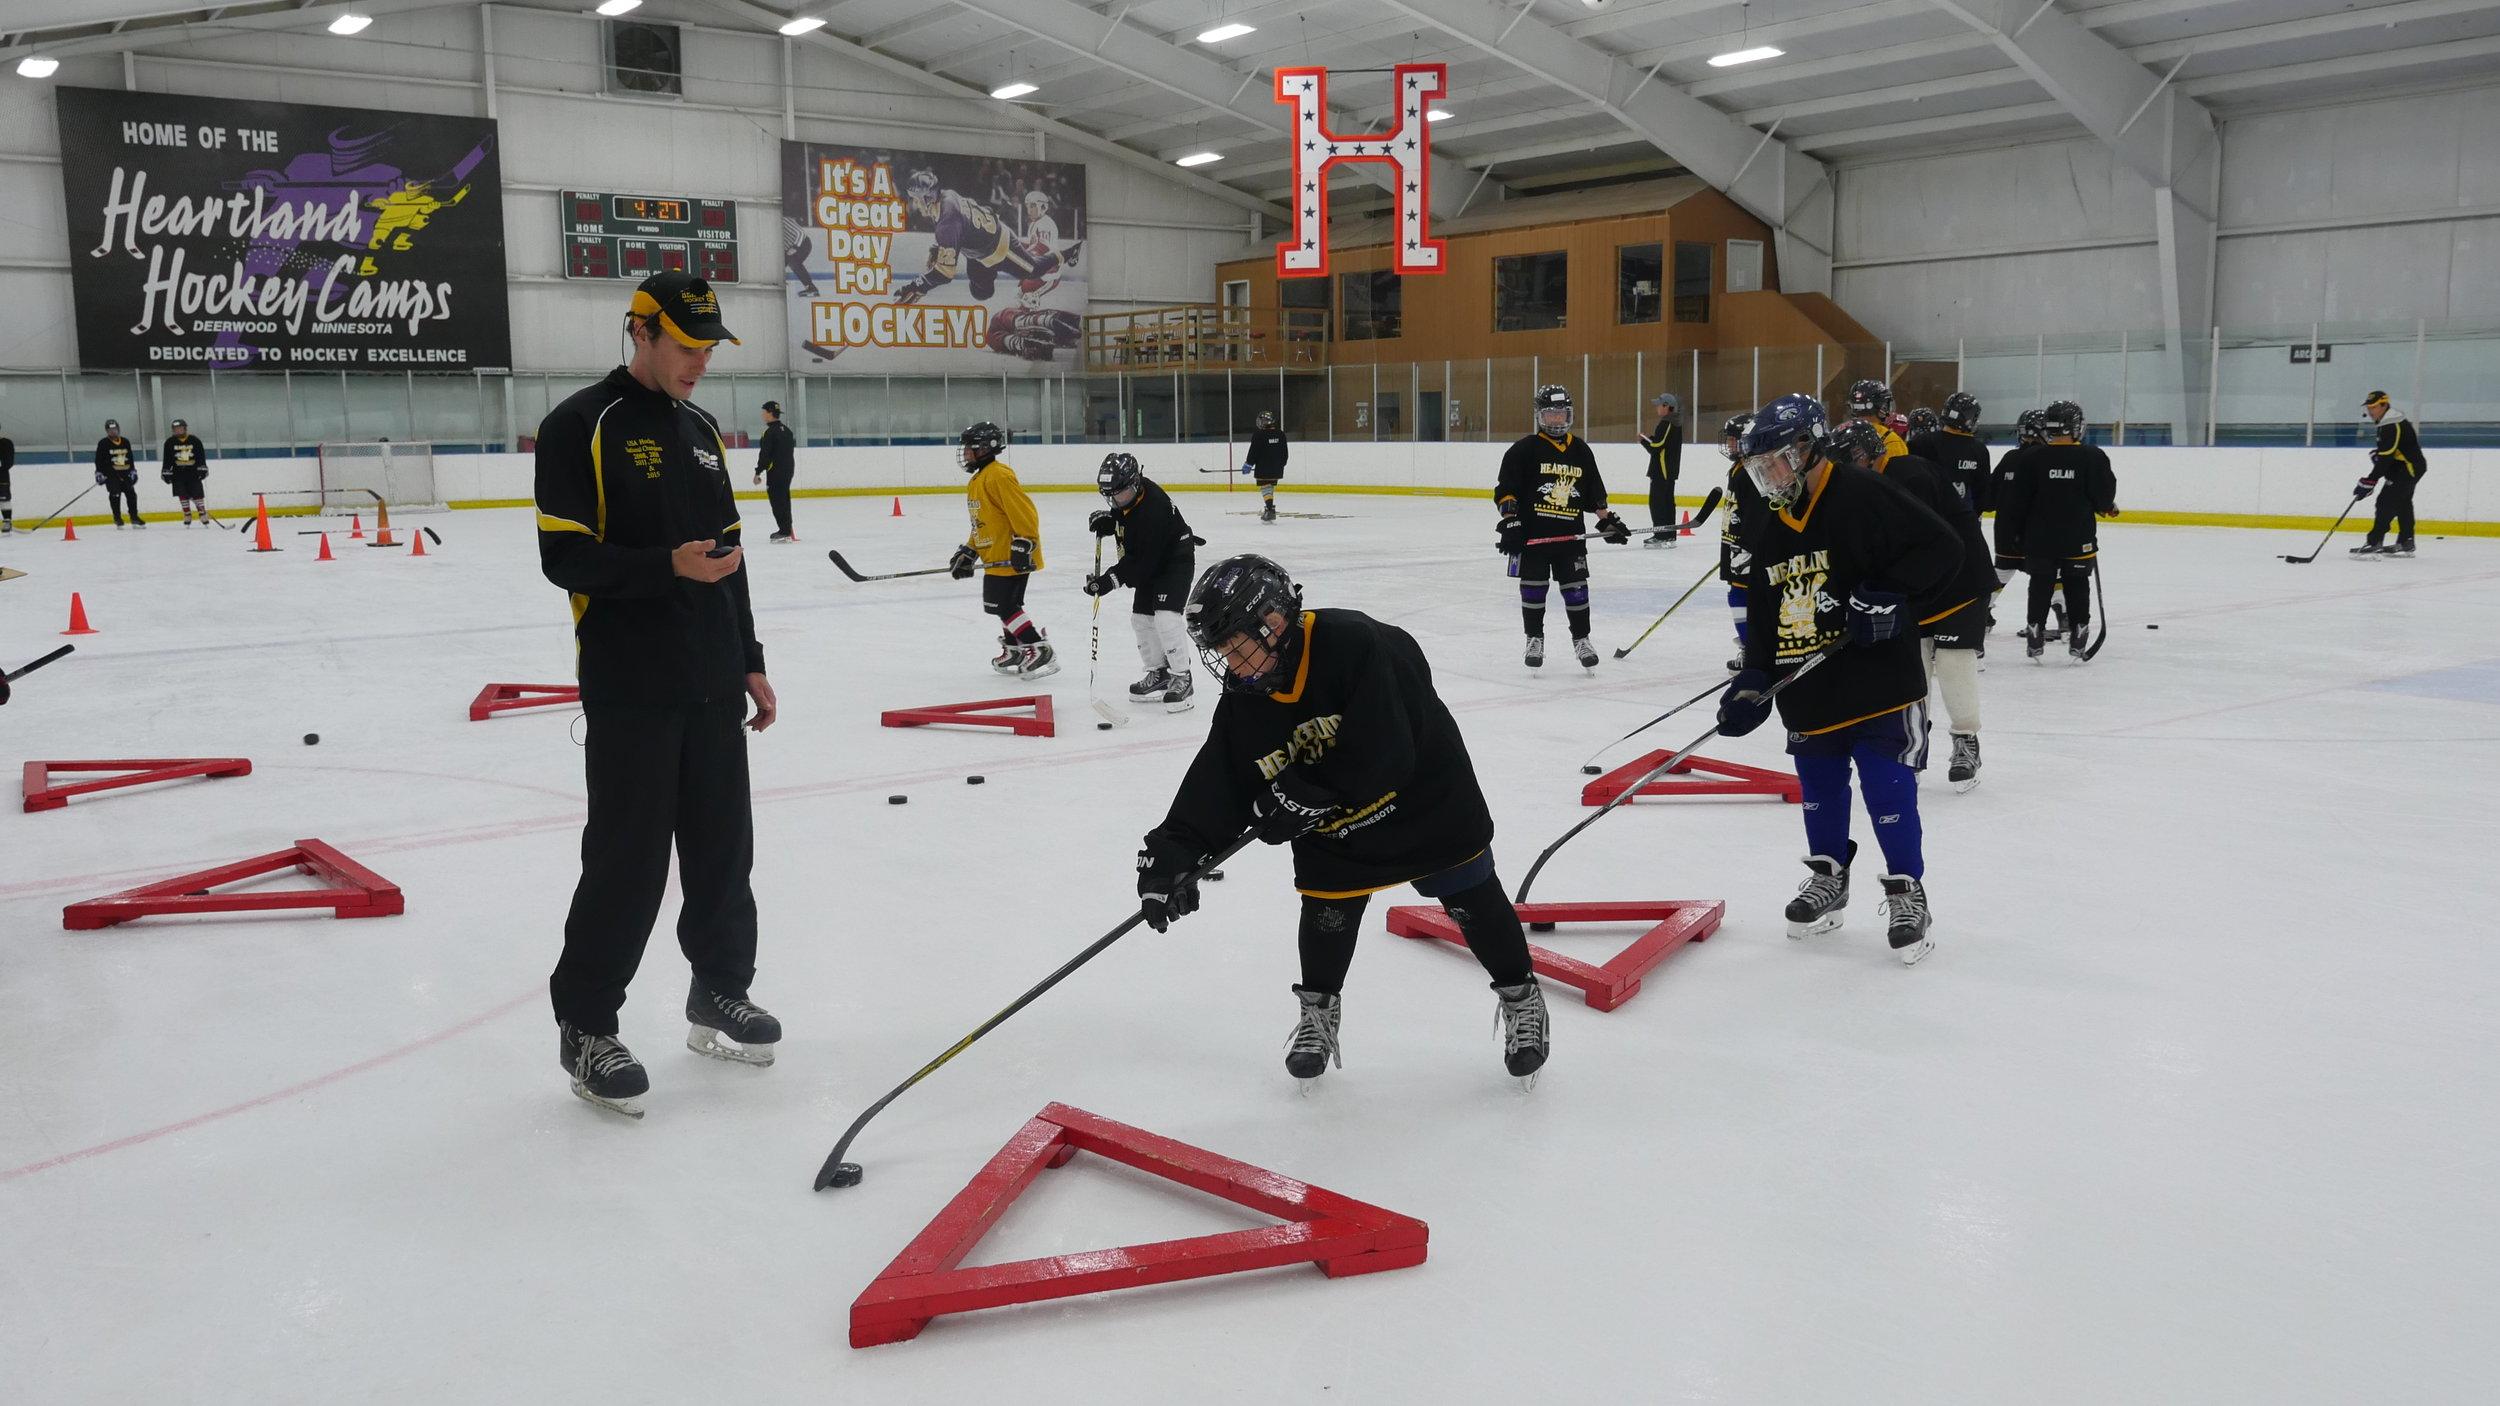 Pee-wee-hockey-camp.JPG